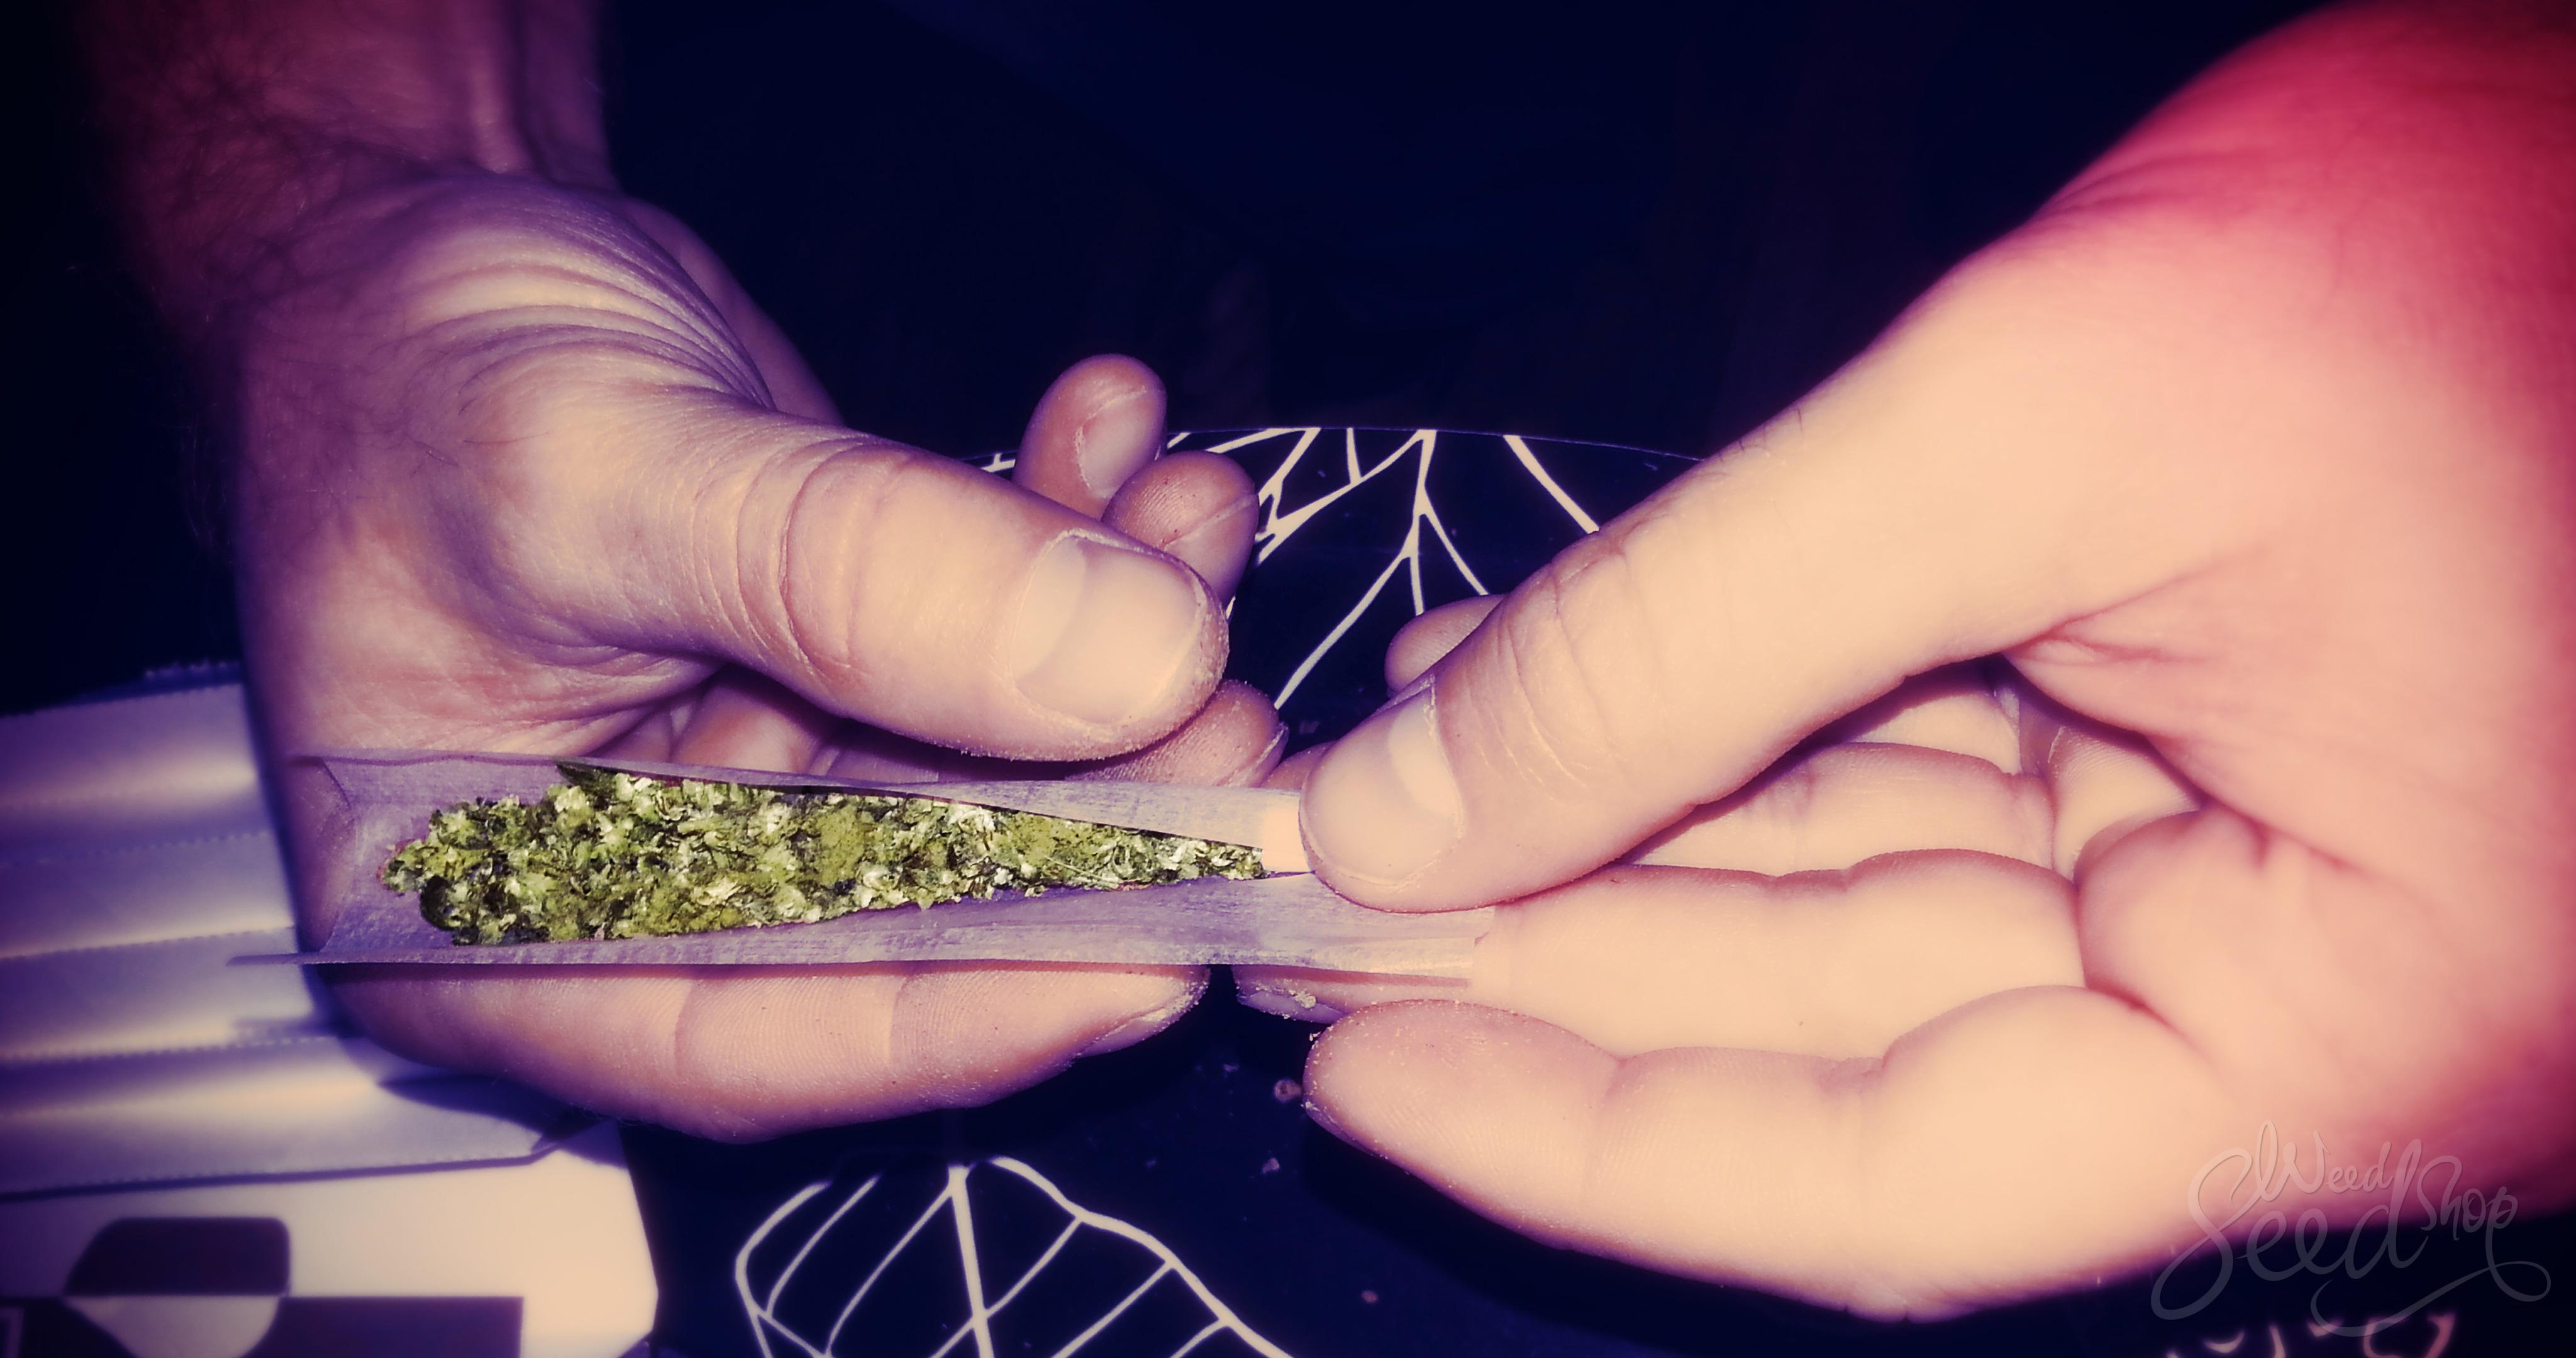 Kruidenalternatieven voor Tabak Voor Je Joint - WeedSeedShop Blog